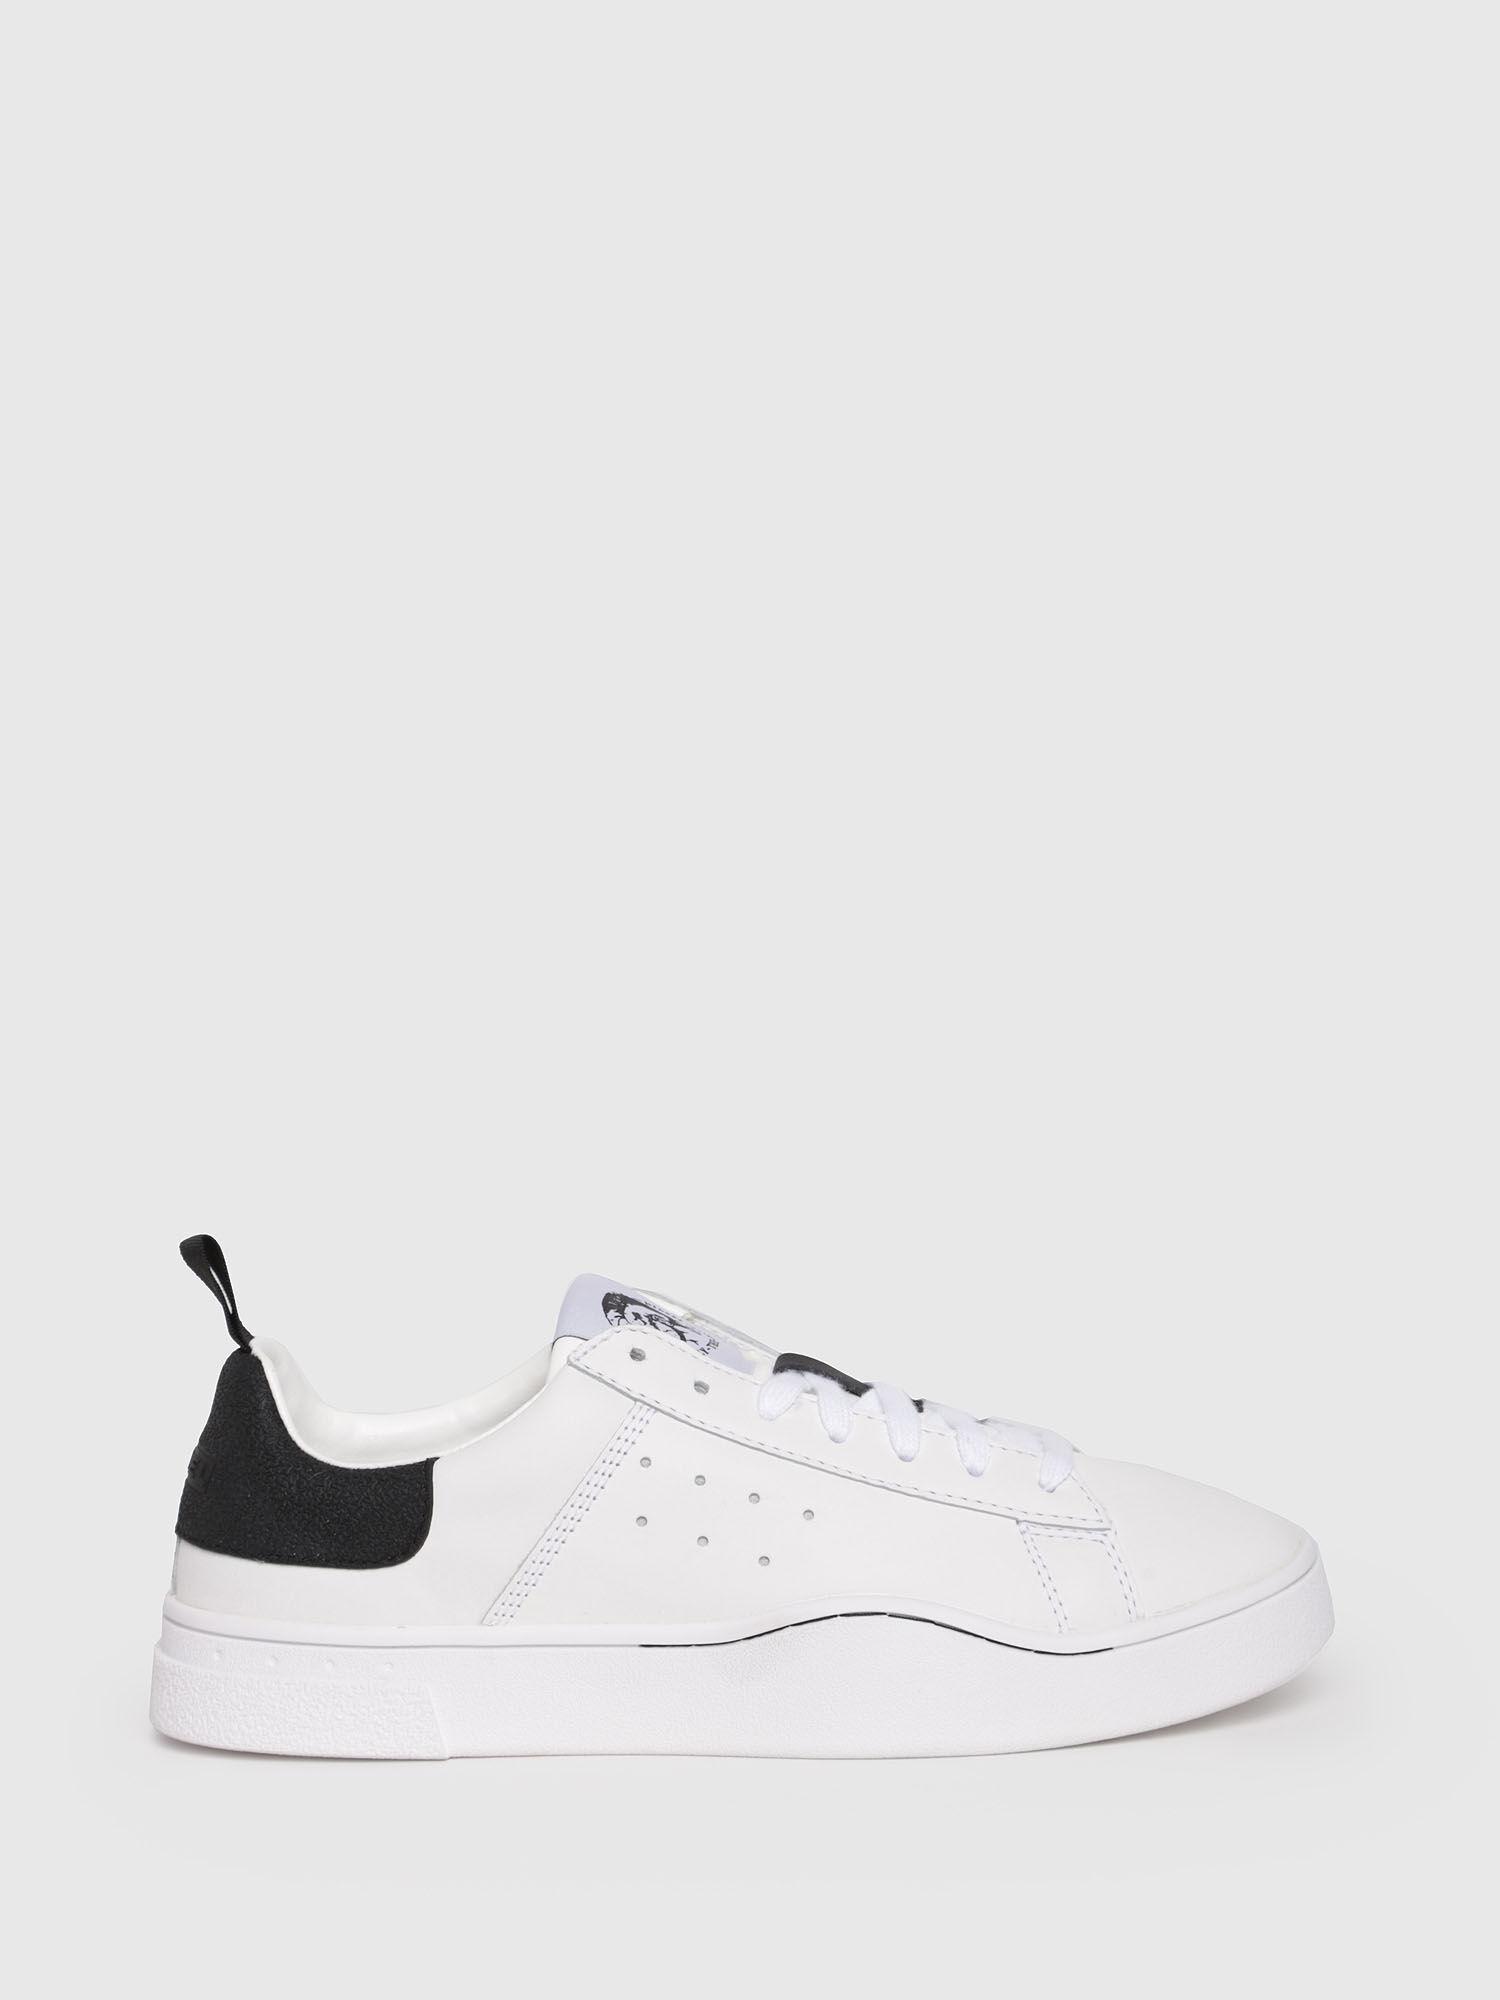 CLEVER S-CLEVER LOW - Sneaker low - weiß/blau Kosten Günstiger Preis Finden Großen Günstigen Preis Alle Jahreszeiten Verfügbar Verkauf Truhe Bilder ZCXza